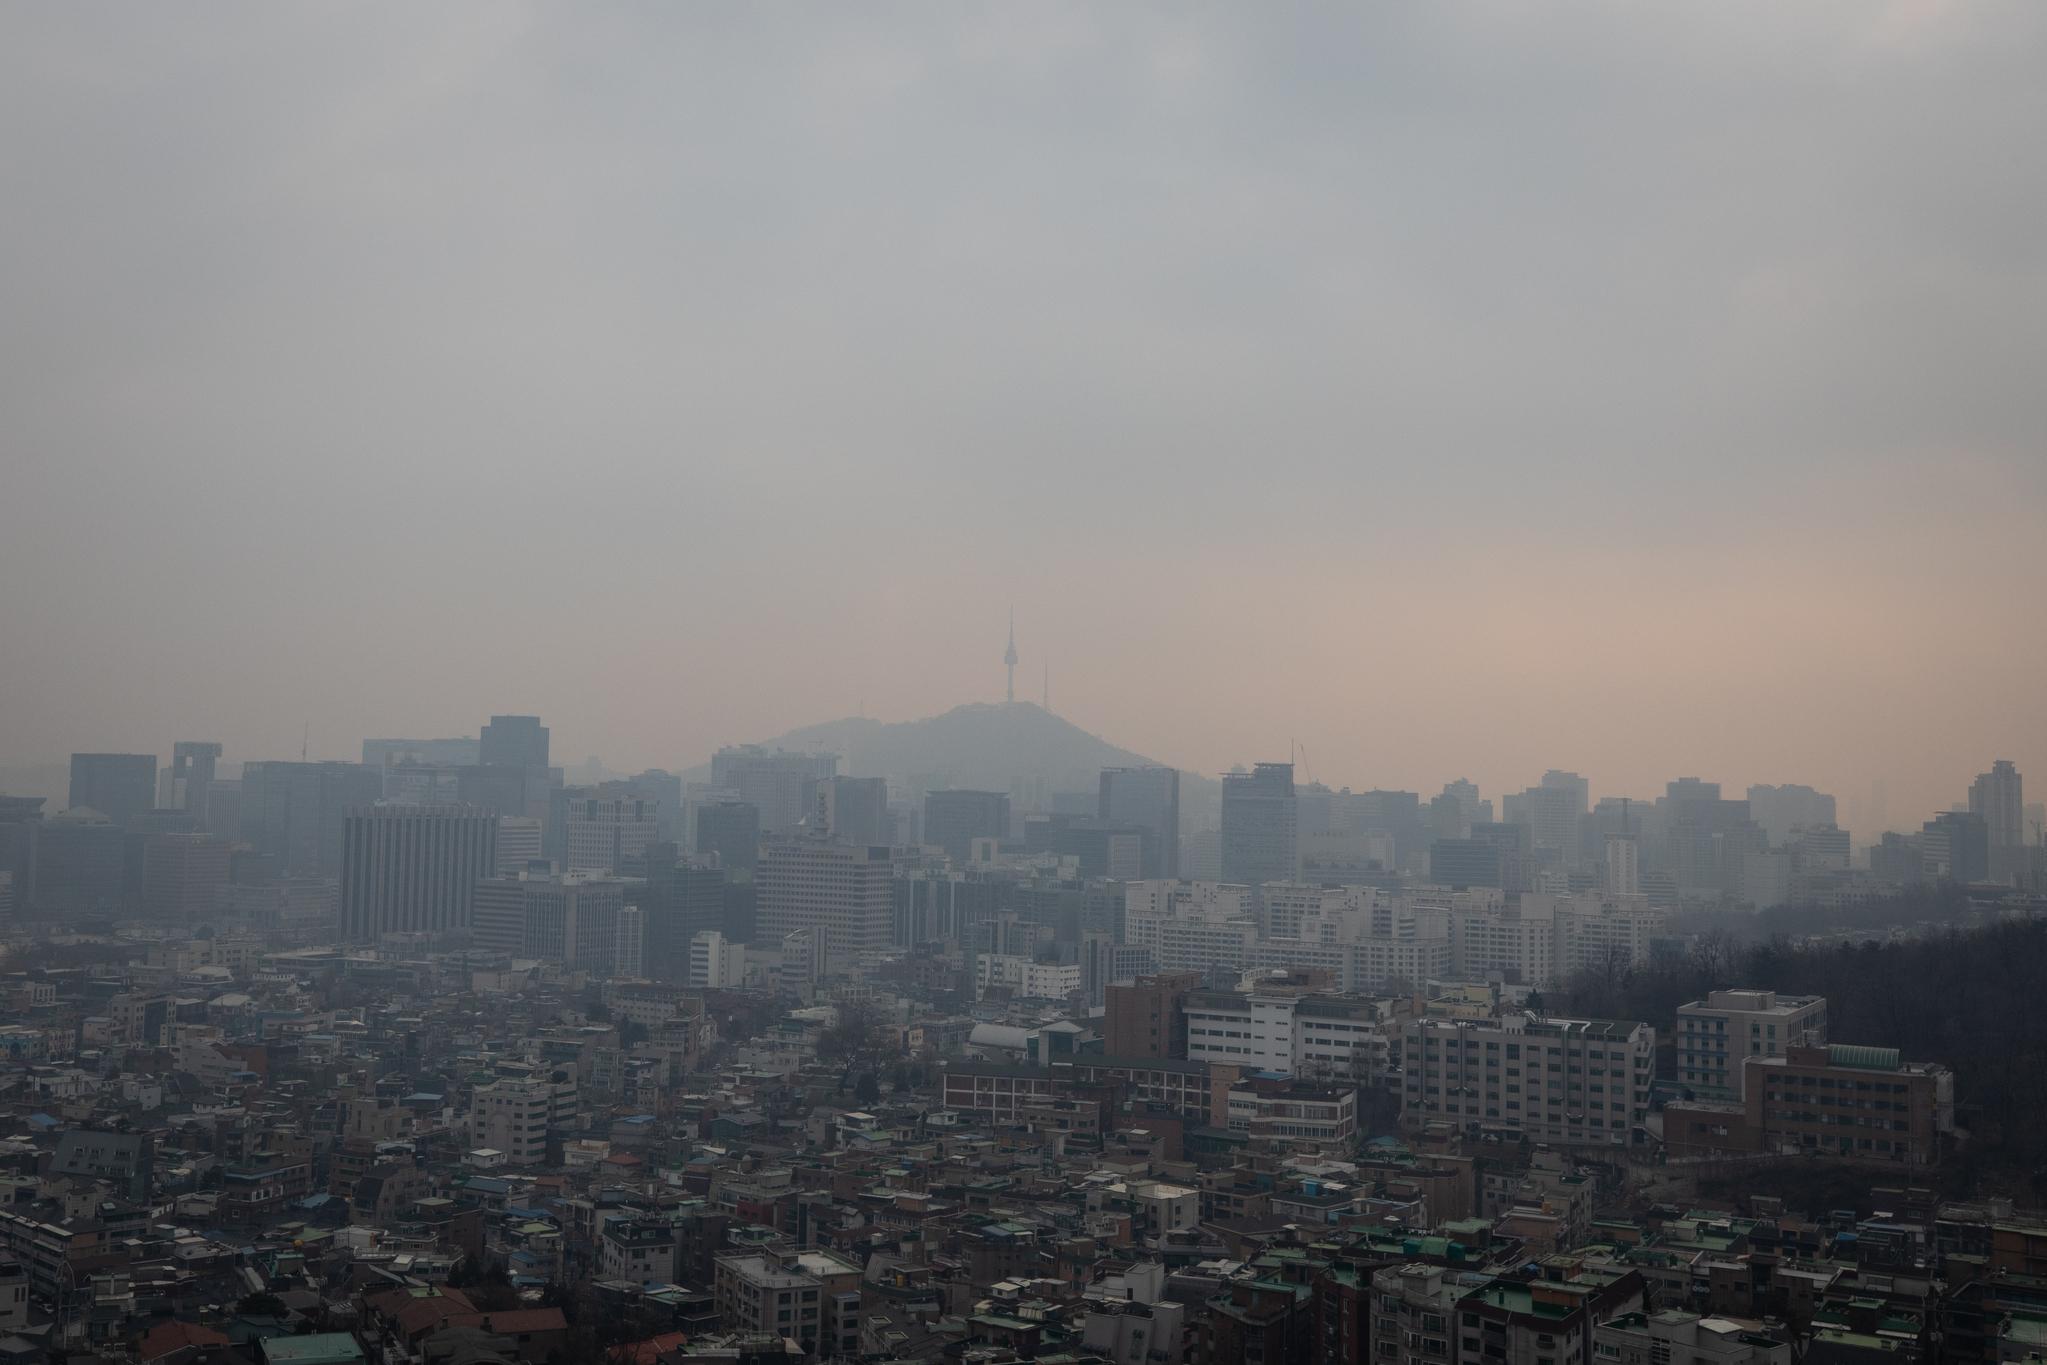 중국발 미세먼지가 유입되며 수도권에 초미세먼지 주의보가 발령된 지난 19일 뿌연 서울 도심의 모습. [뉴스1]